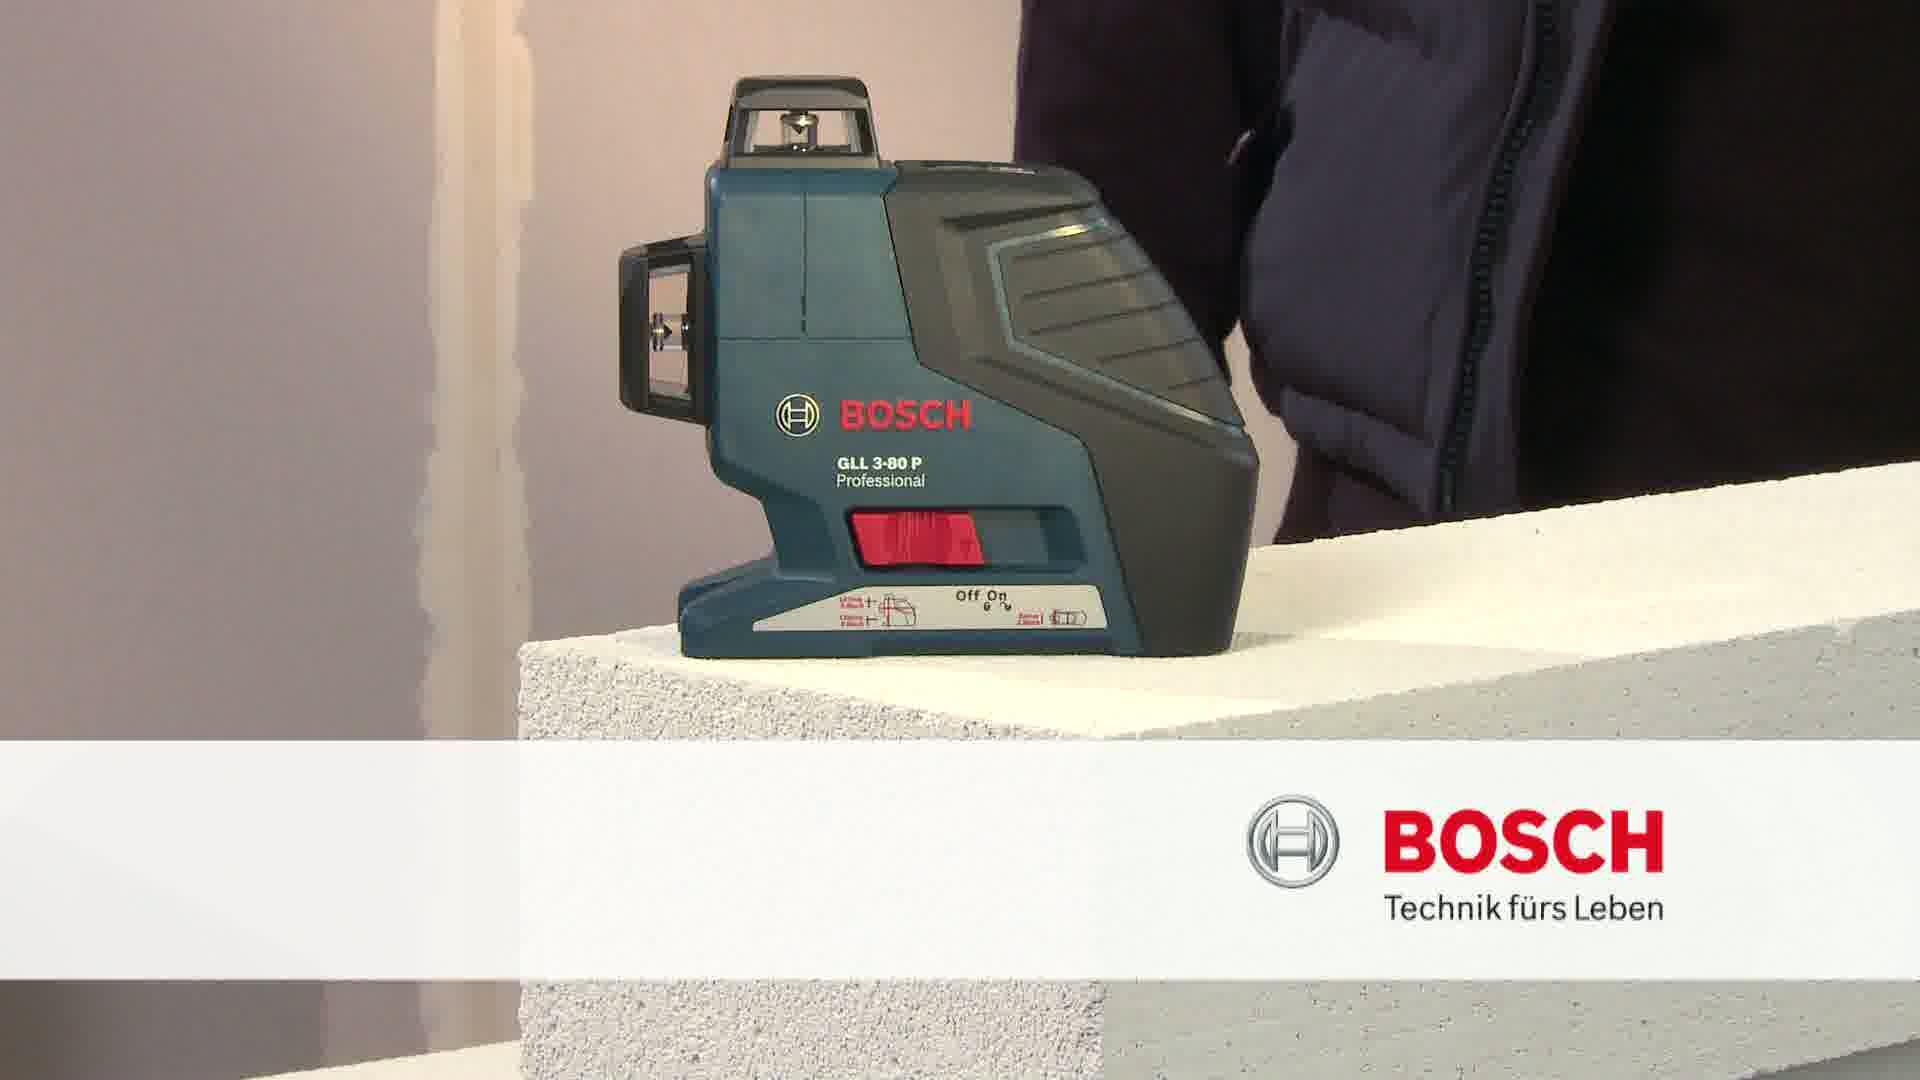 Bosch Entfernungsmesser Forum : Gll p linienlaser bosch professional